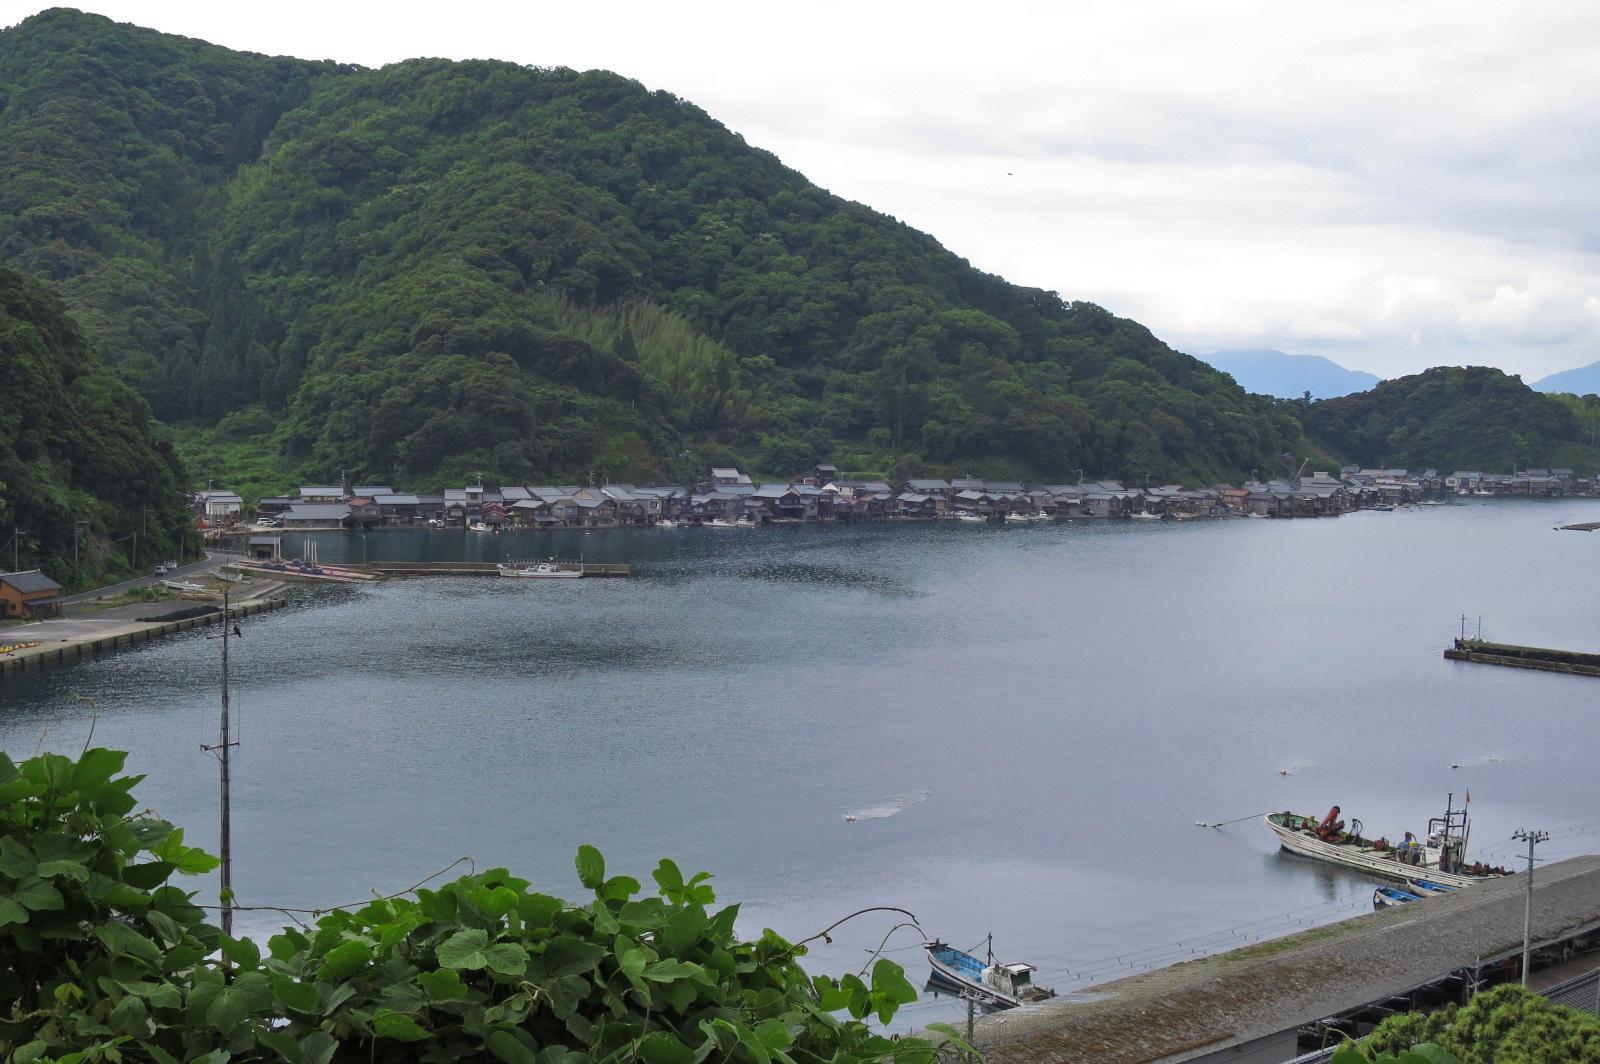 伊根町観光協会近くからの眺め。この美しい伊根湾でも、1945年に空襲・空爆がありました。